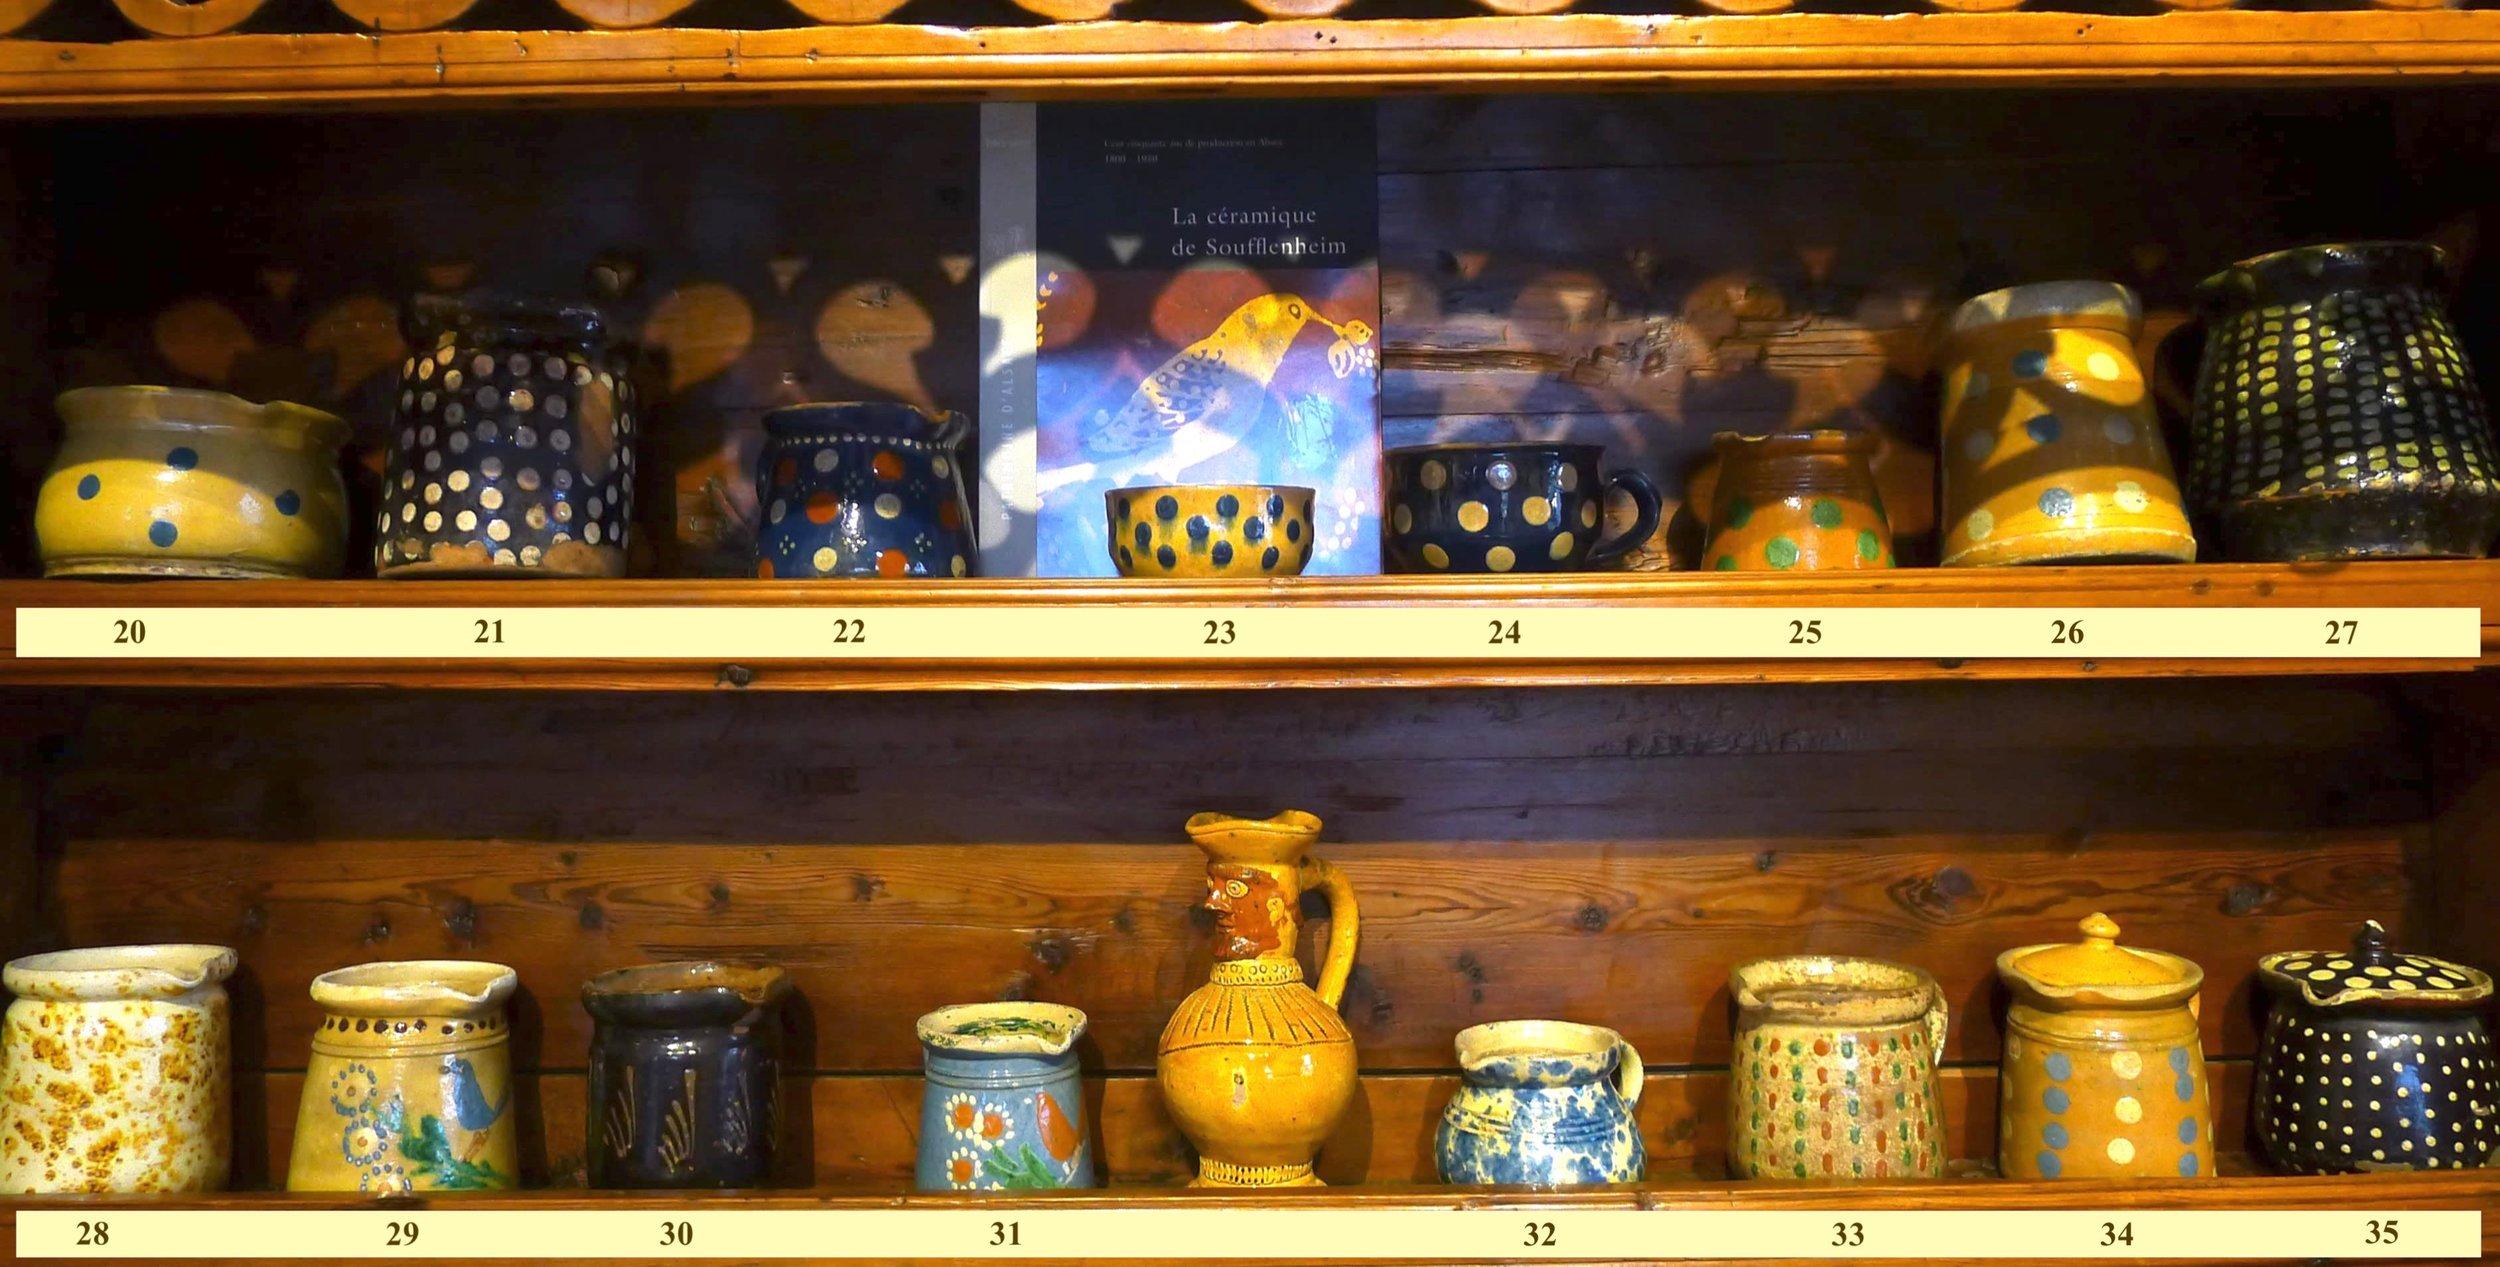 Etagère du haut :  pots d'Alsace à motifs à pois (n°21,22,25,26,27), bols (20,23,24)(H: 8 -21 cm)   Etagère du bas :  pots d'Alsace à motifs géométriques (n°32,33,34,35)(H : 13-18 cm), pots à crinoline(28,29,30,31)(H: 15 -19cm).Décor à l'éponge est assez rare (28)